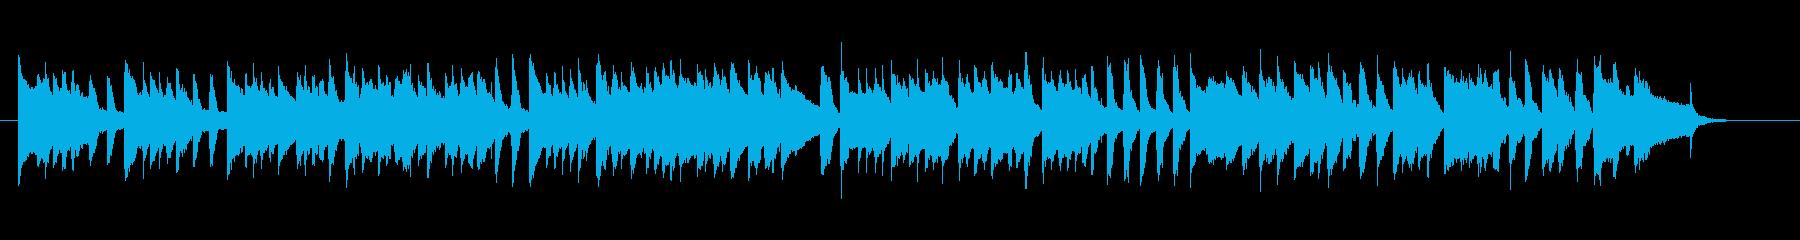 一番有名なメヌエットをチェンバロでの再生済みの波形